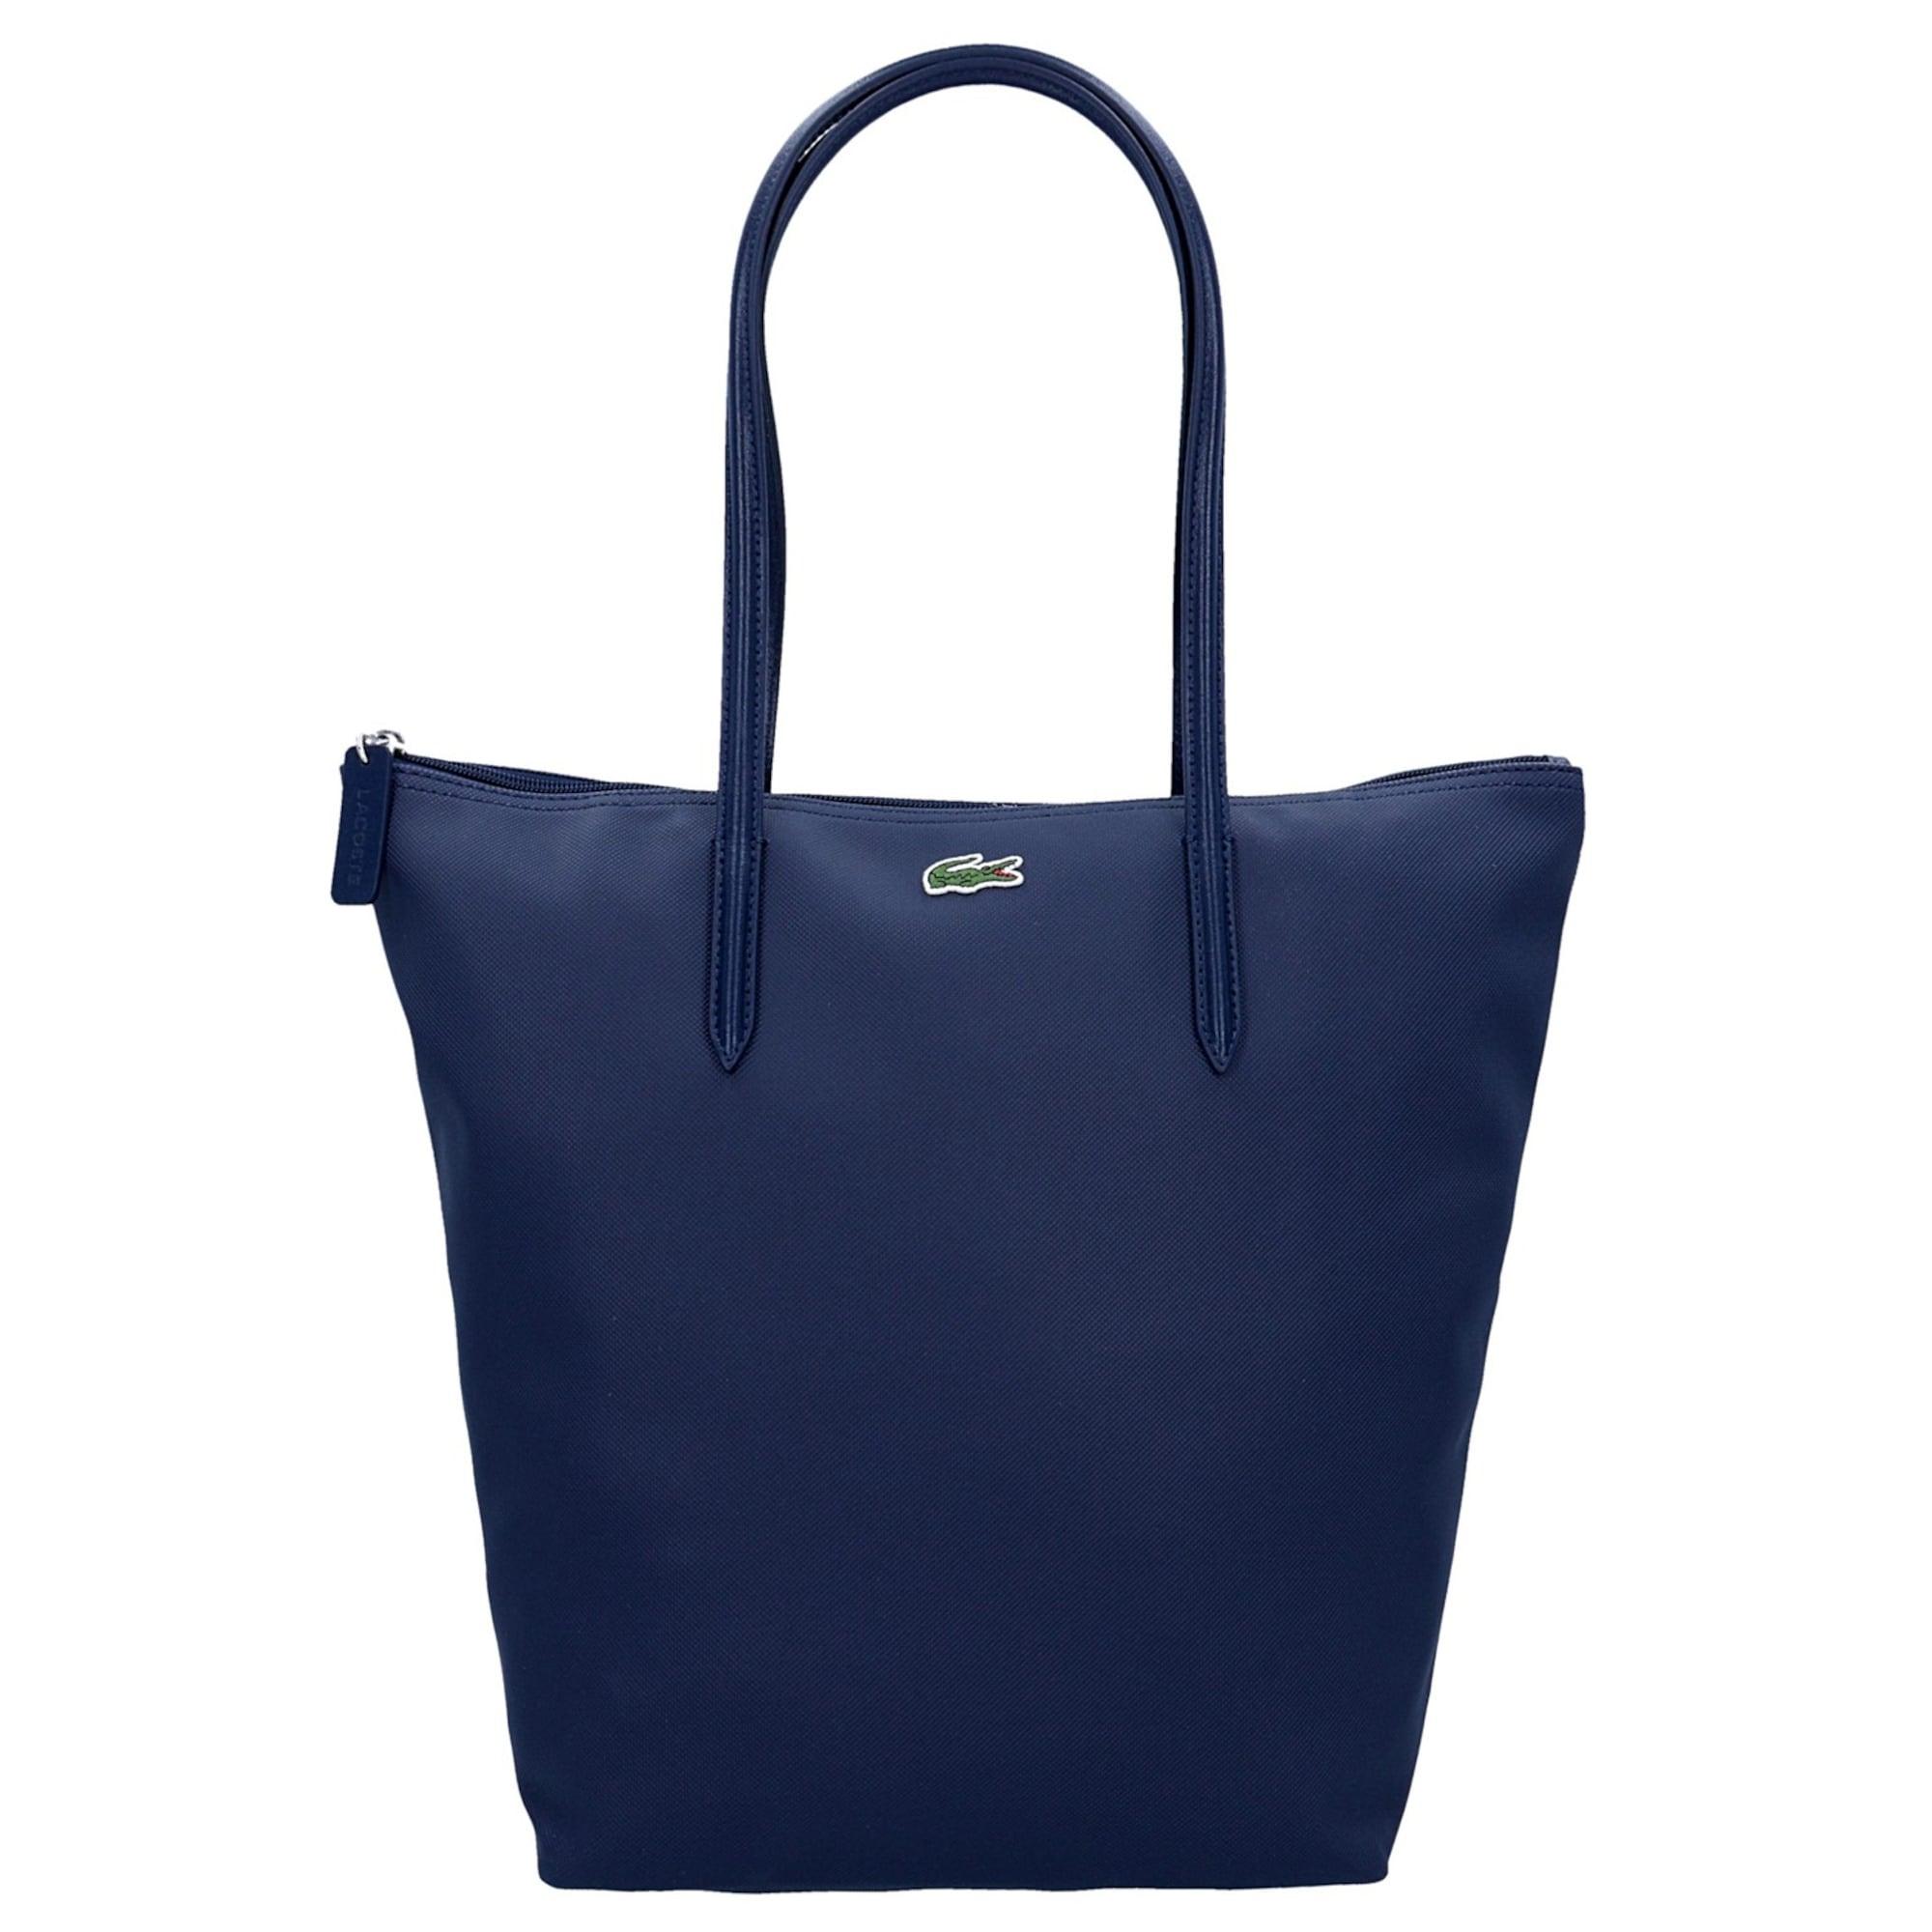 Shopper Sac Femme L1212 Concept